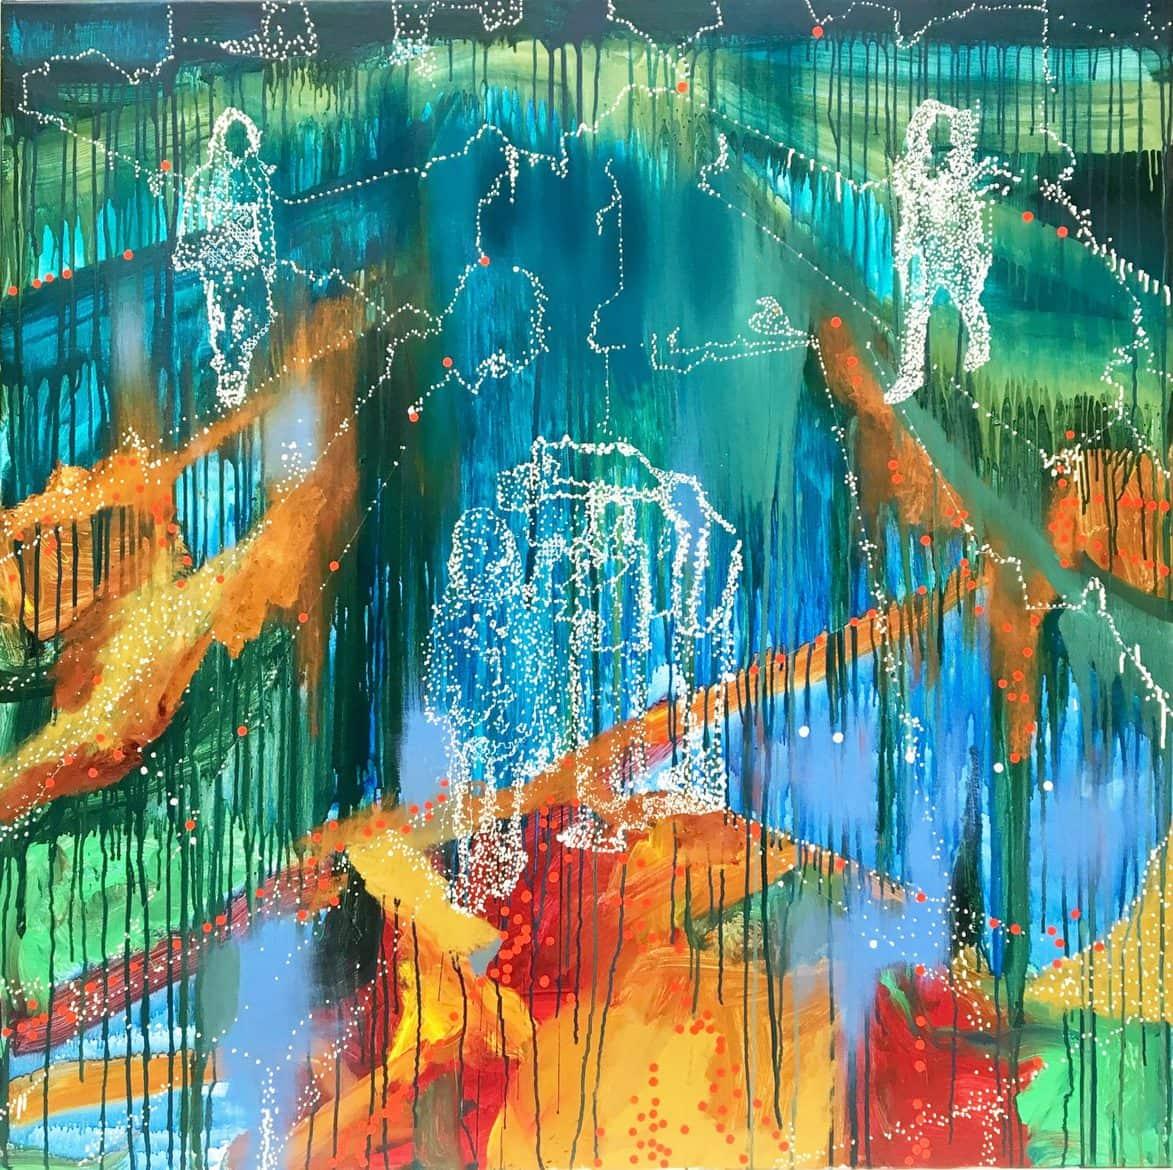 Jon Cattapan, 'Precipice group', 2017, Oil and Acrylic on Linen, 140 x 140cm